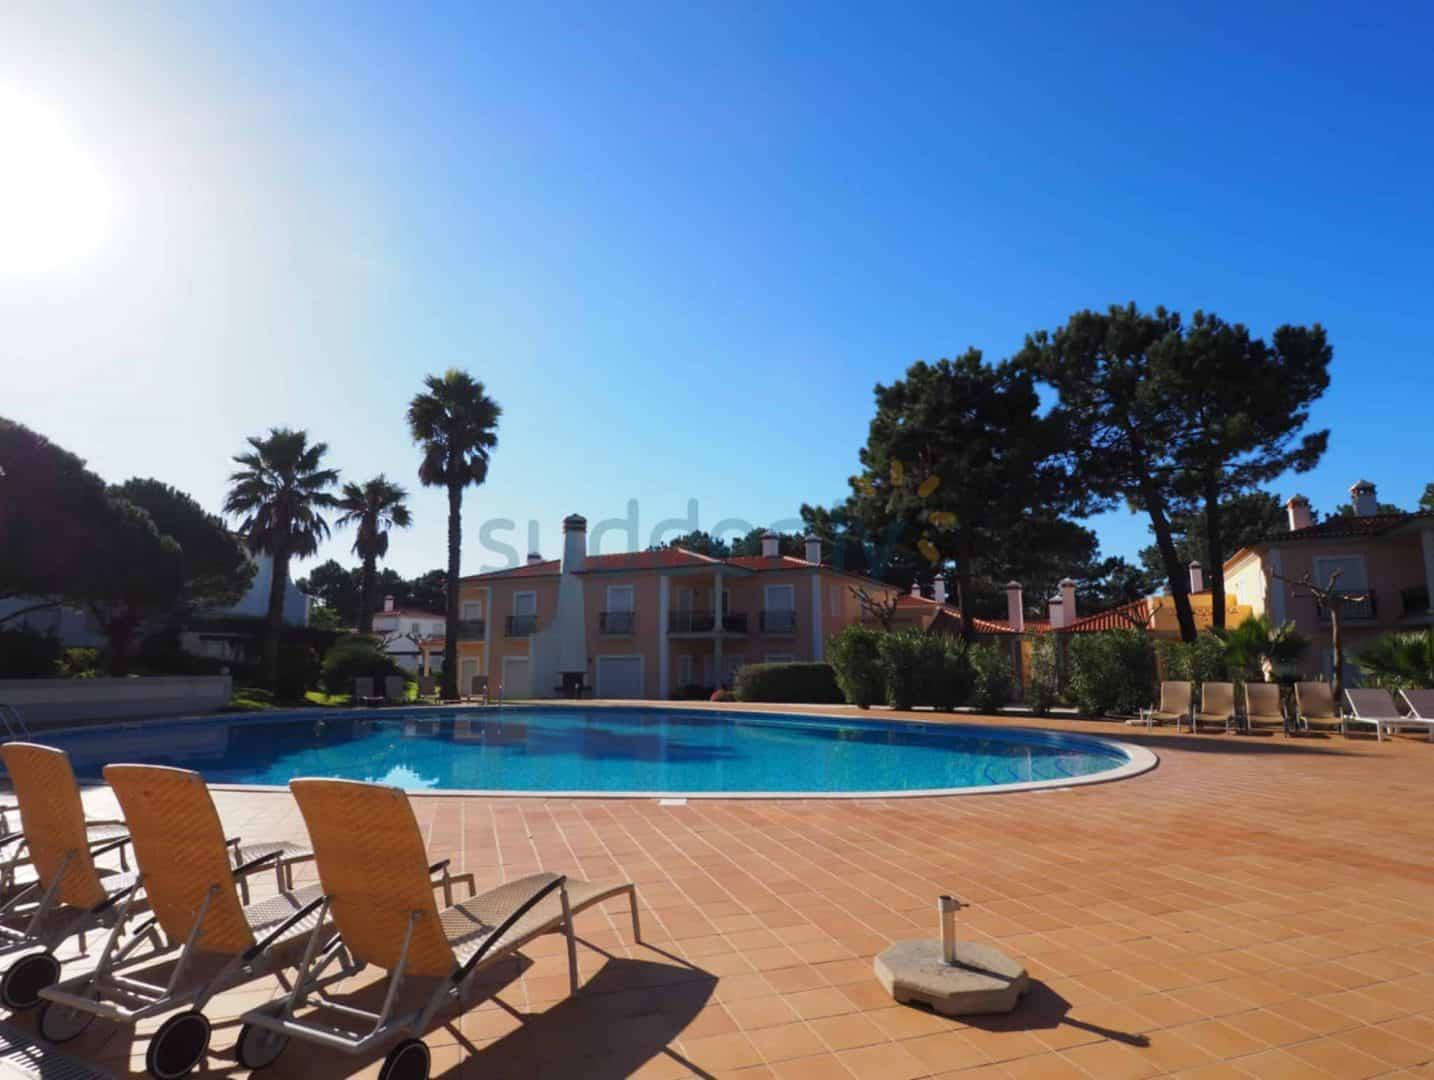 Holiday Rentals in Praia D'El Rey 353